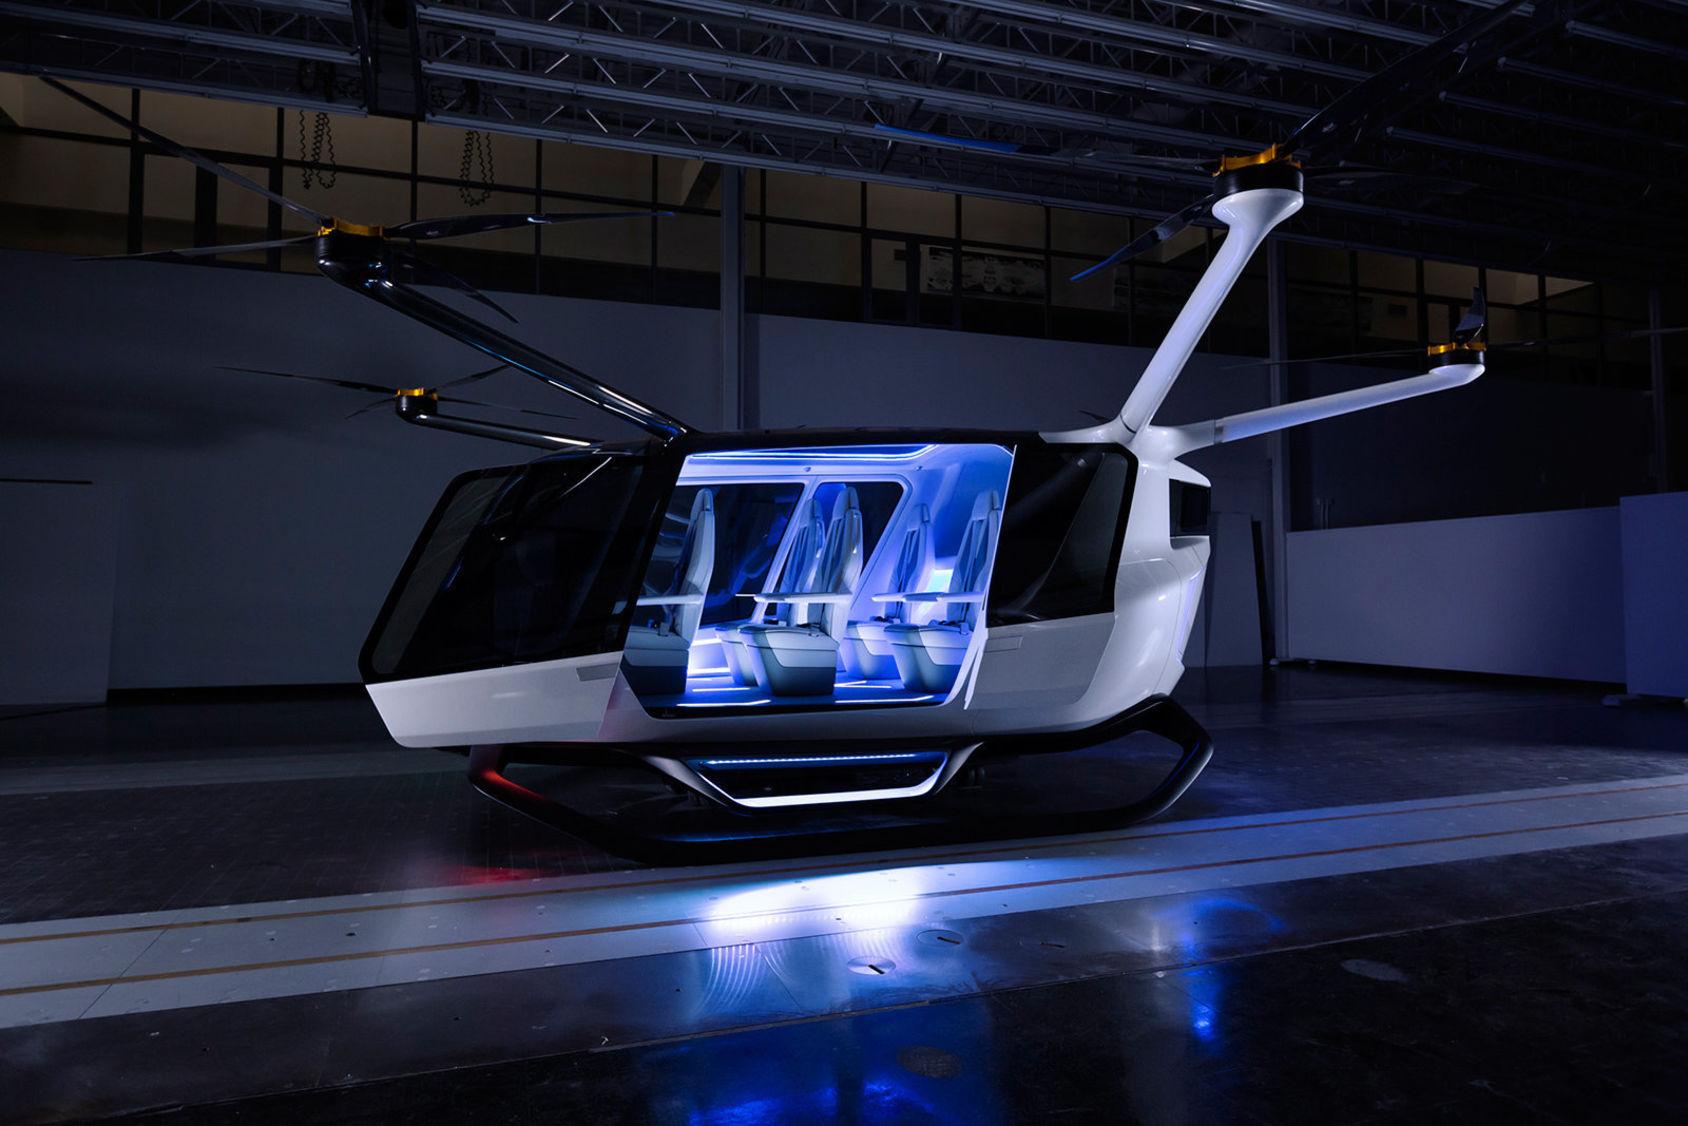 Skai är en flygande taxi som drivs av väte